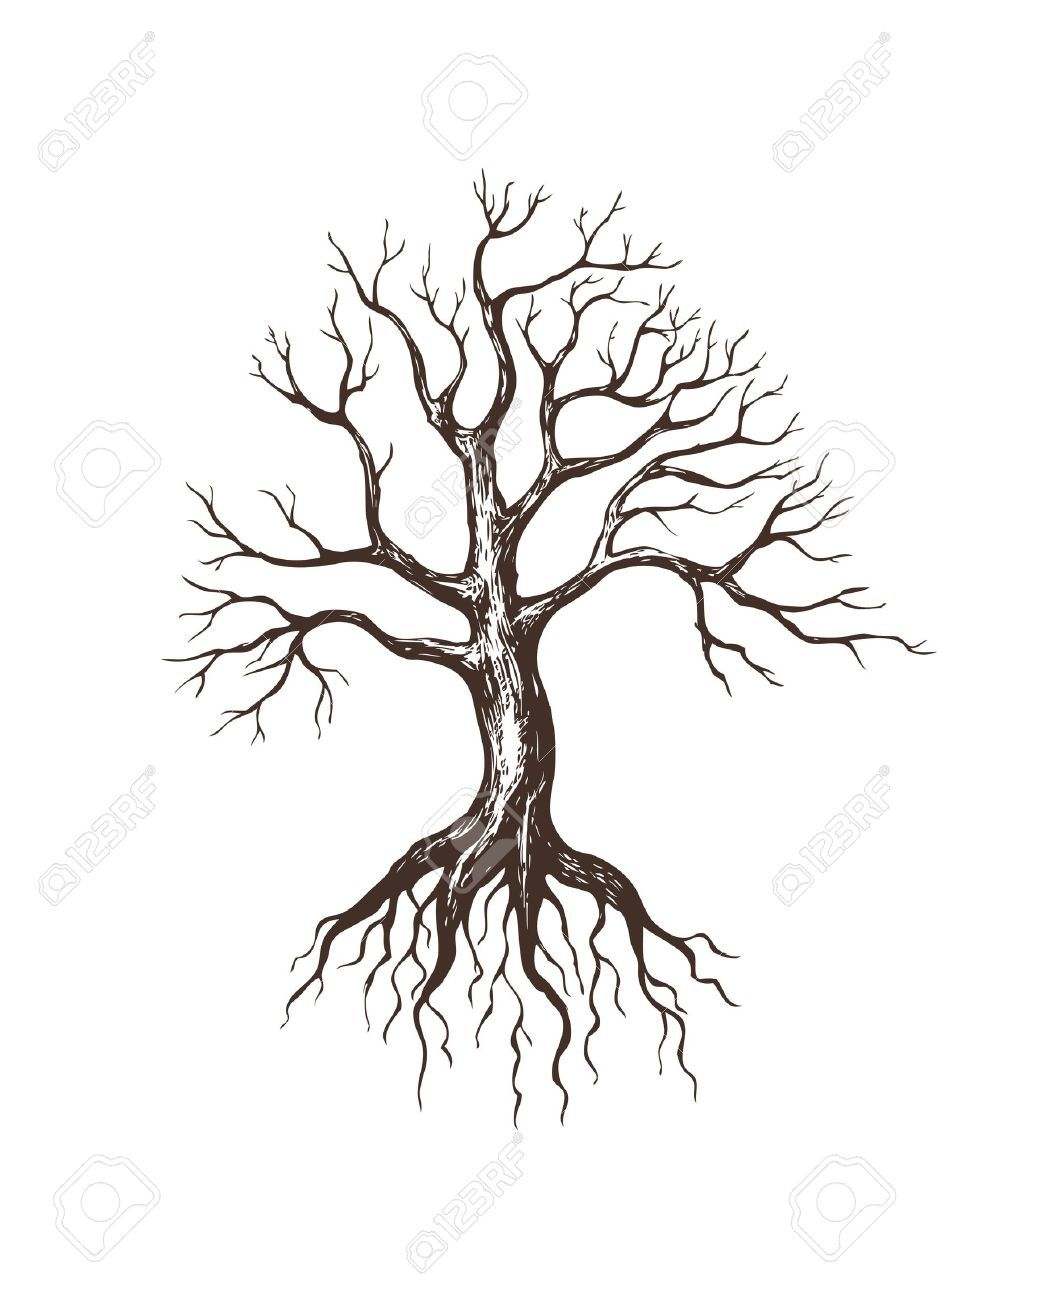 Illustration Of Big Leafless Tree Tatuajes De Arbol Genealogico Tatuaje De Raices De Arboles Produccion Artistica